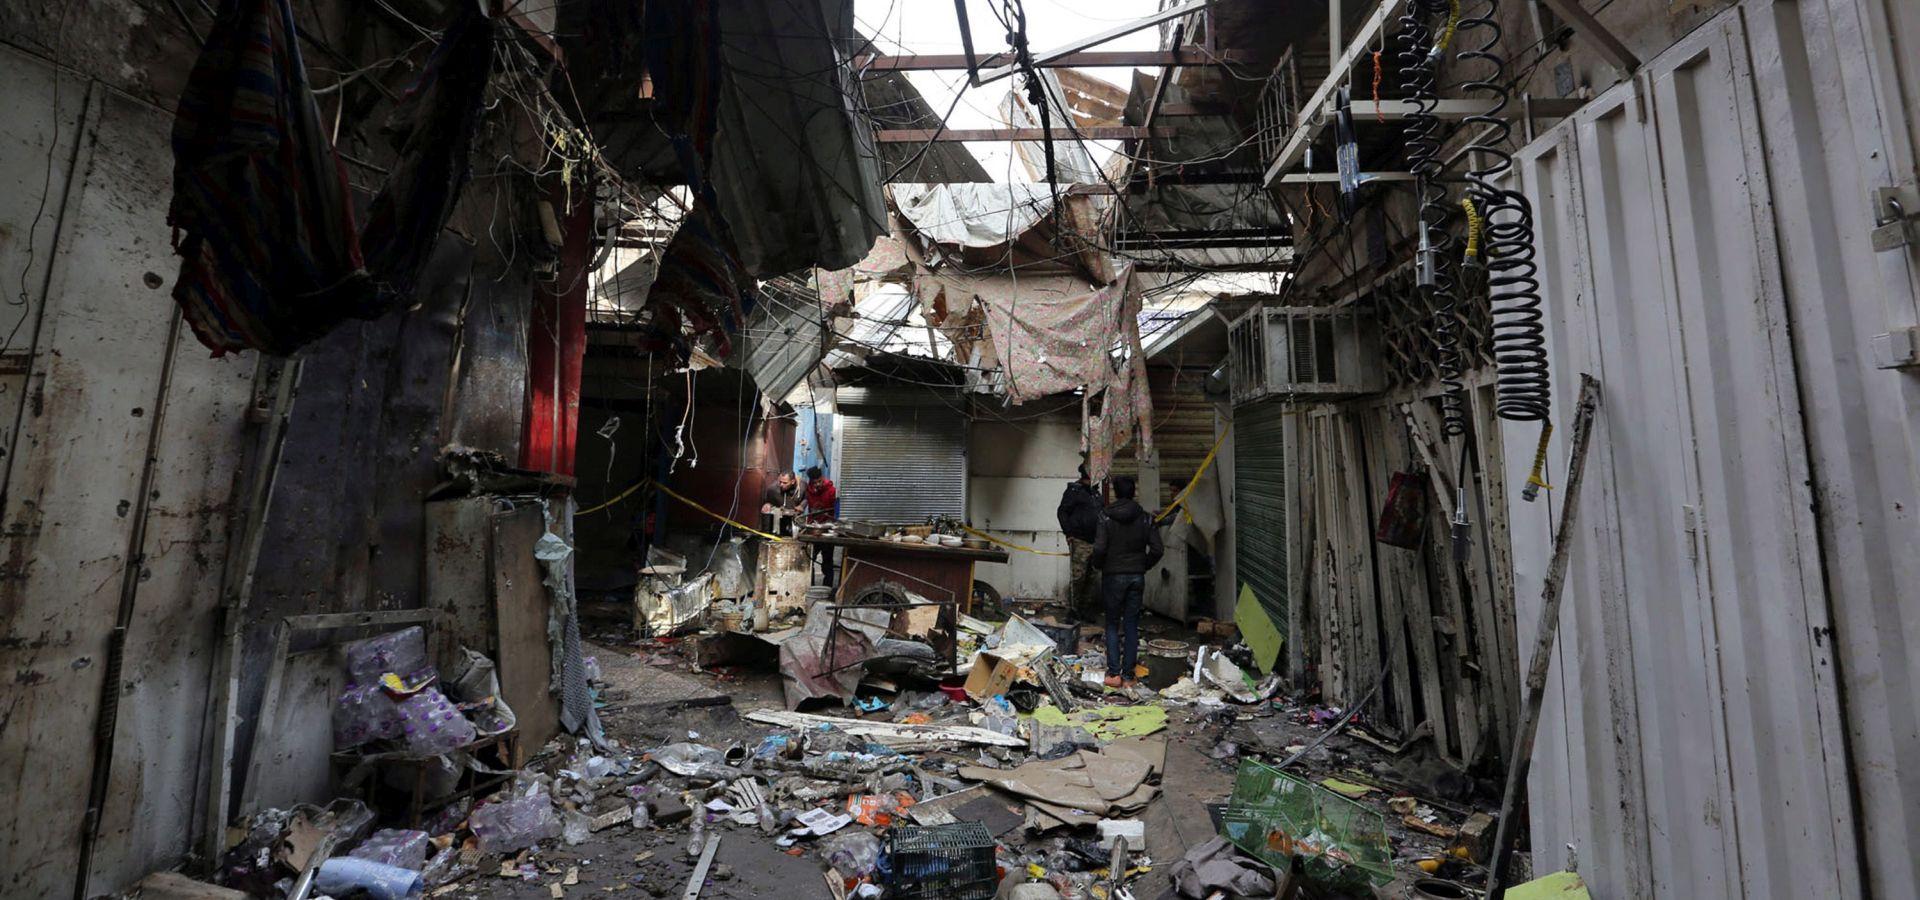 IRAK Samoubilački napad u Bagdadu, 35 mrtvih, IS preuzeo odgovornost